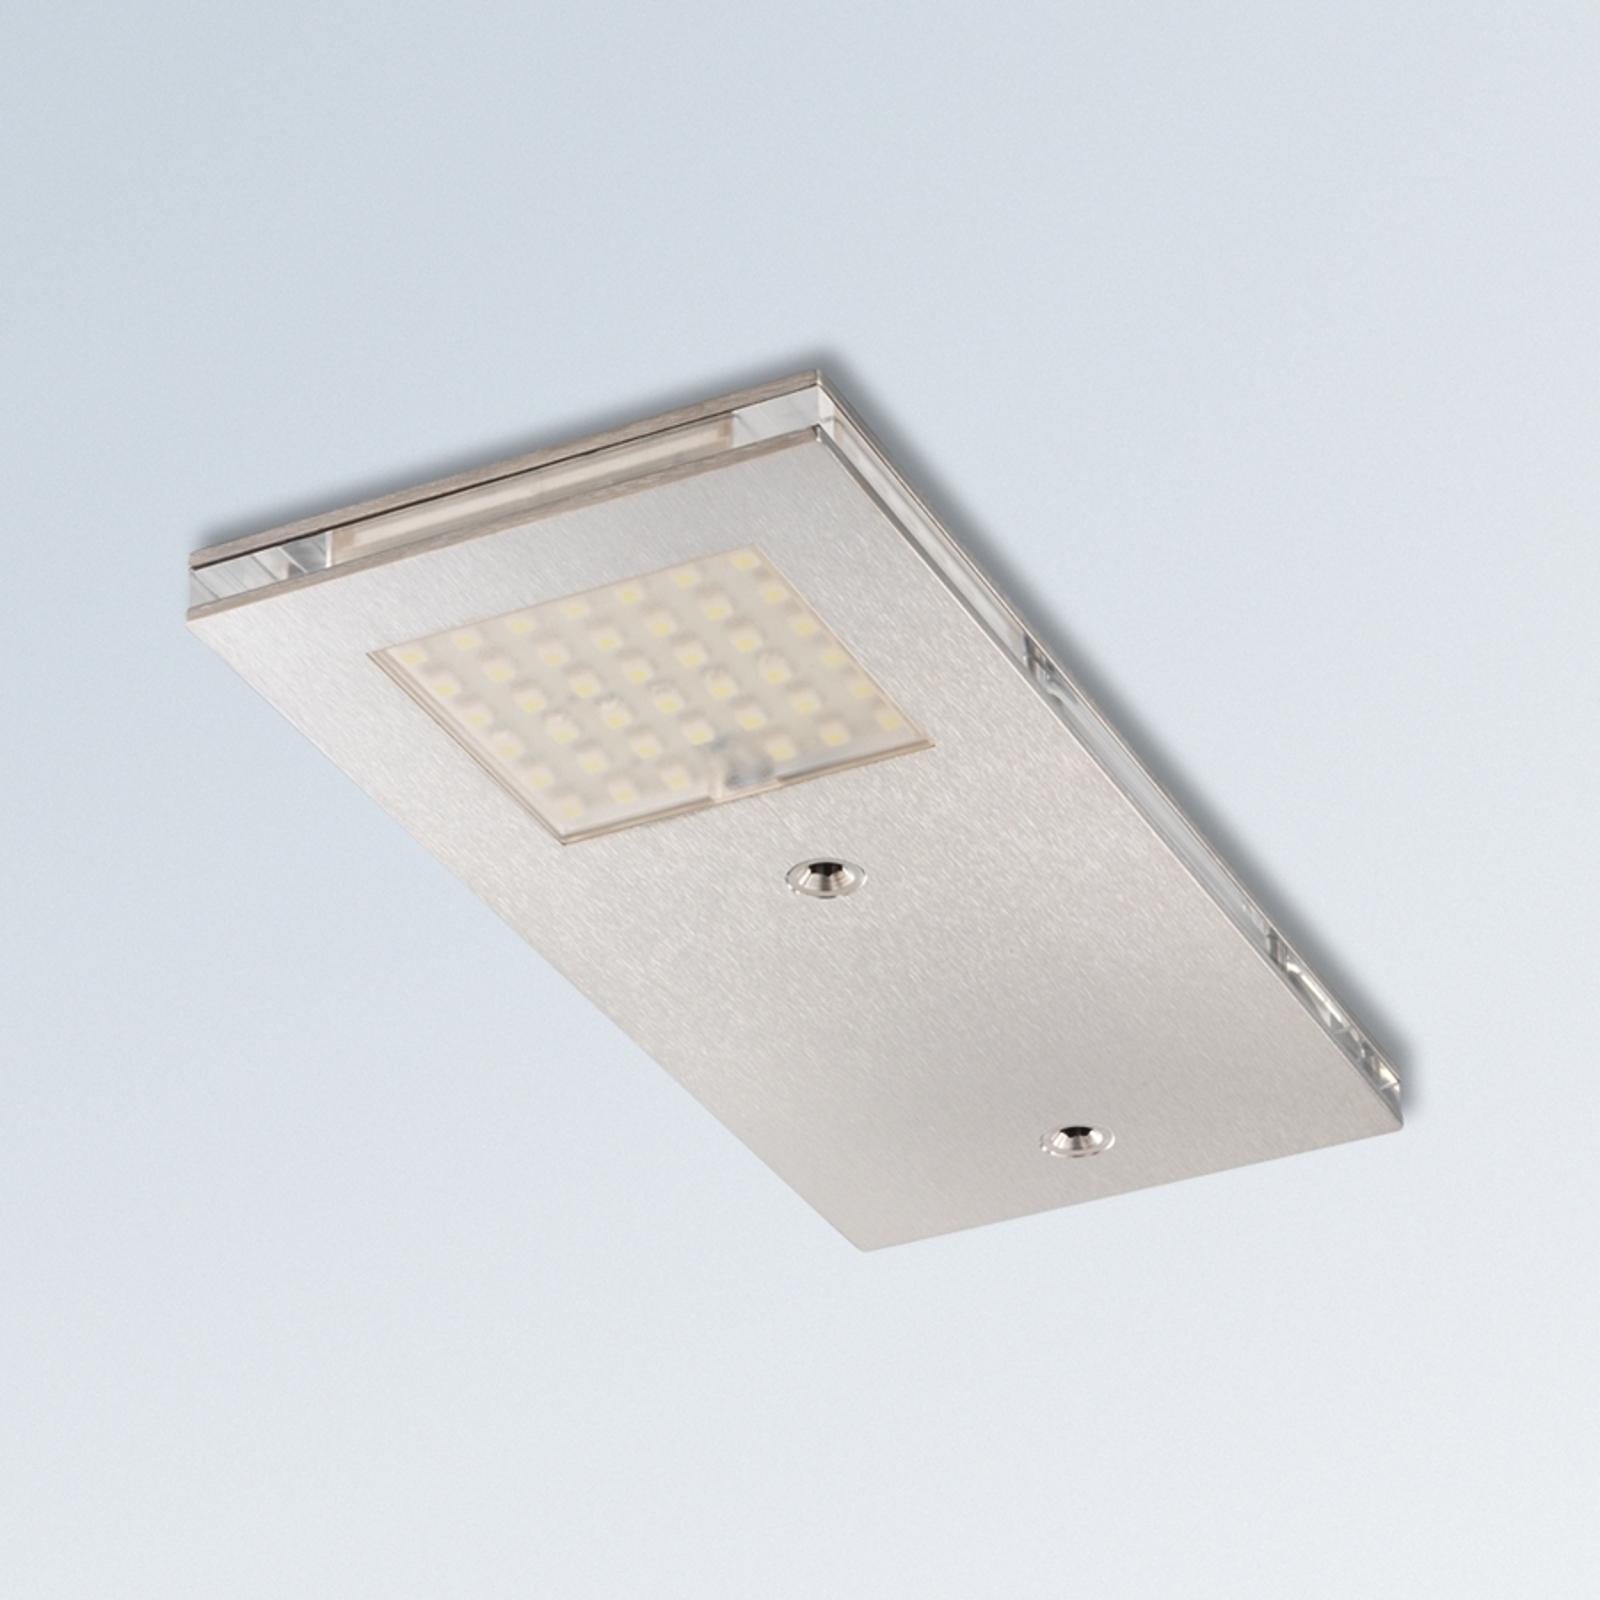 Praktické LED svítidlo do podhledů Flat I, 3 kusy